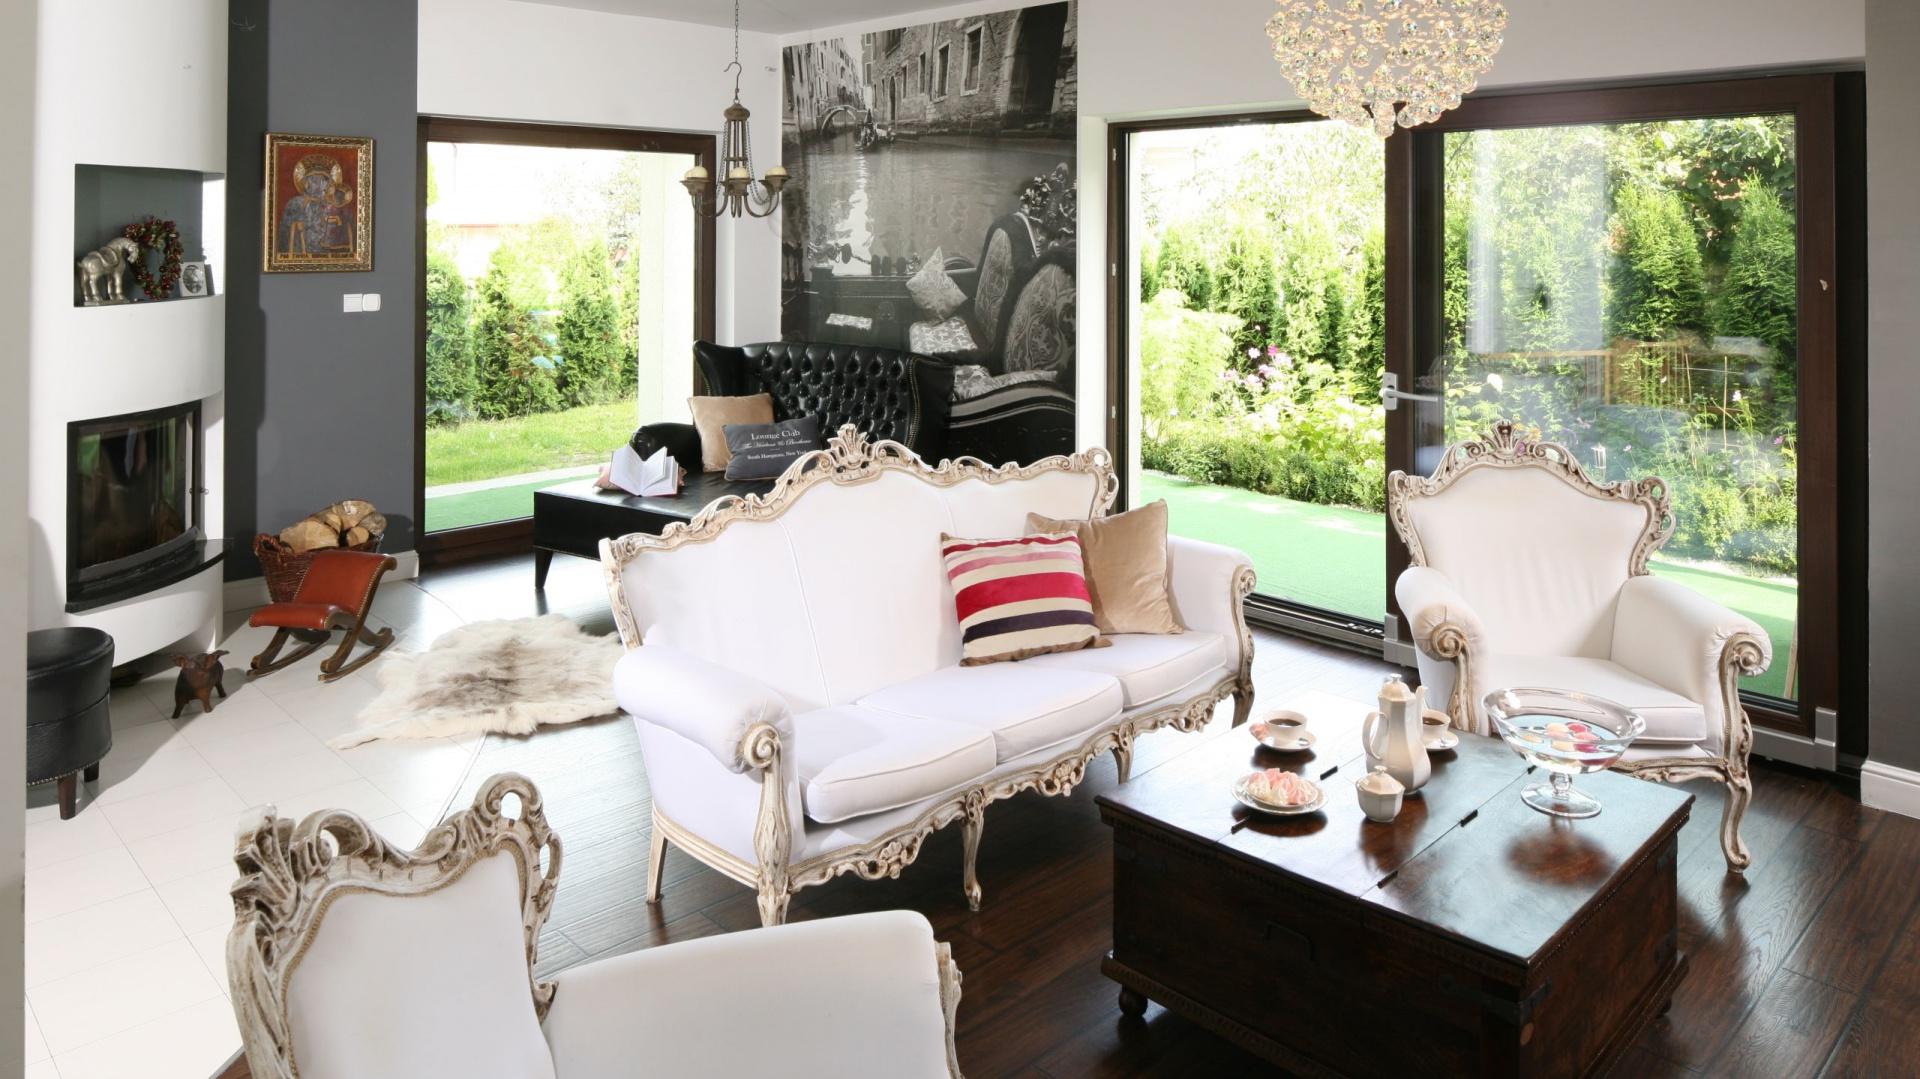 Wnętrza urządzone w stylu klasycznym uwielbiają miękkie, ciepłe kolory i aksamitne tkaniny. Projekt: Magdalena Konochowicz, Fot. Bartosz Jarosz